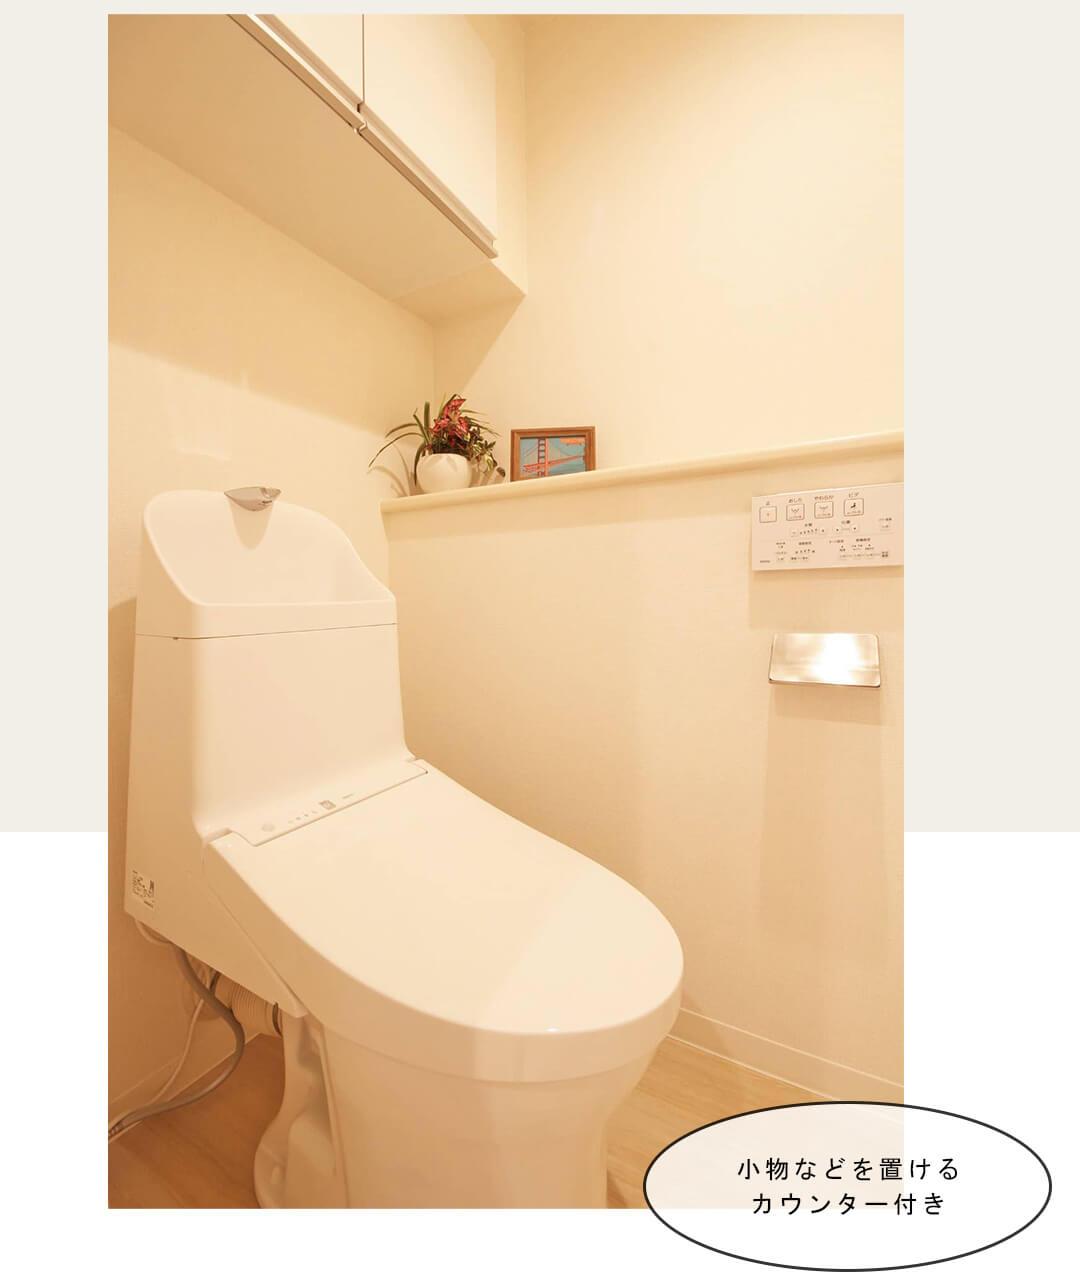 ユニオンパレス成城南のトイレ